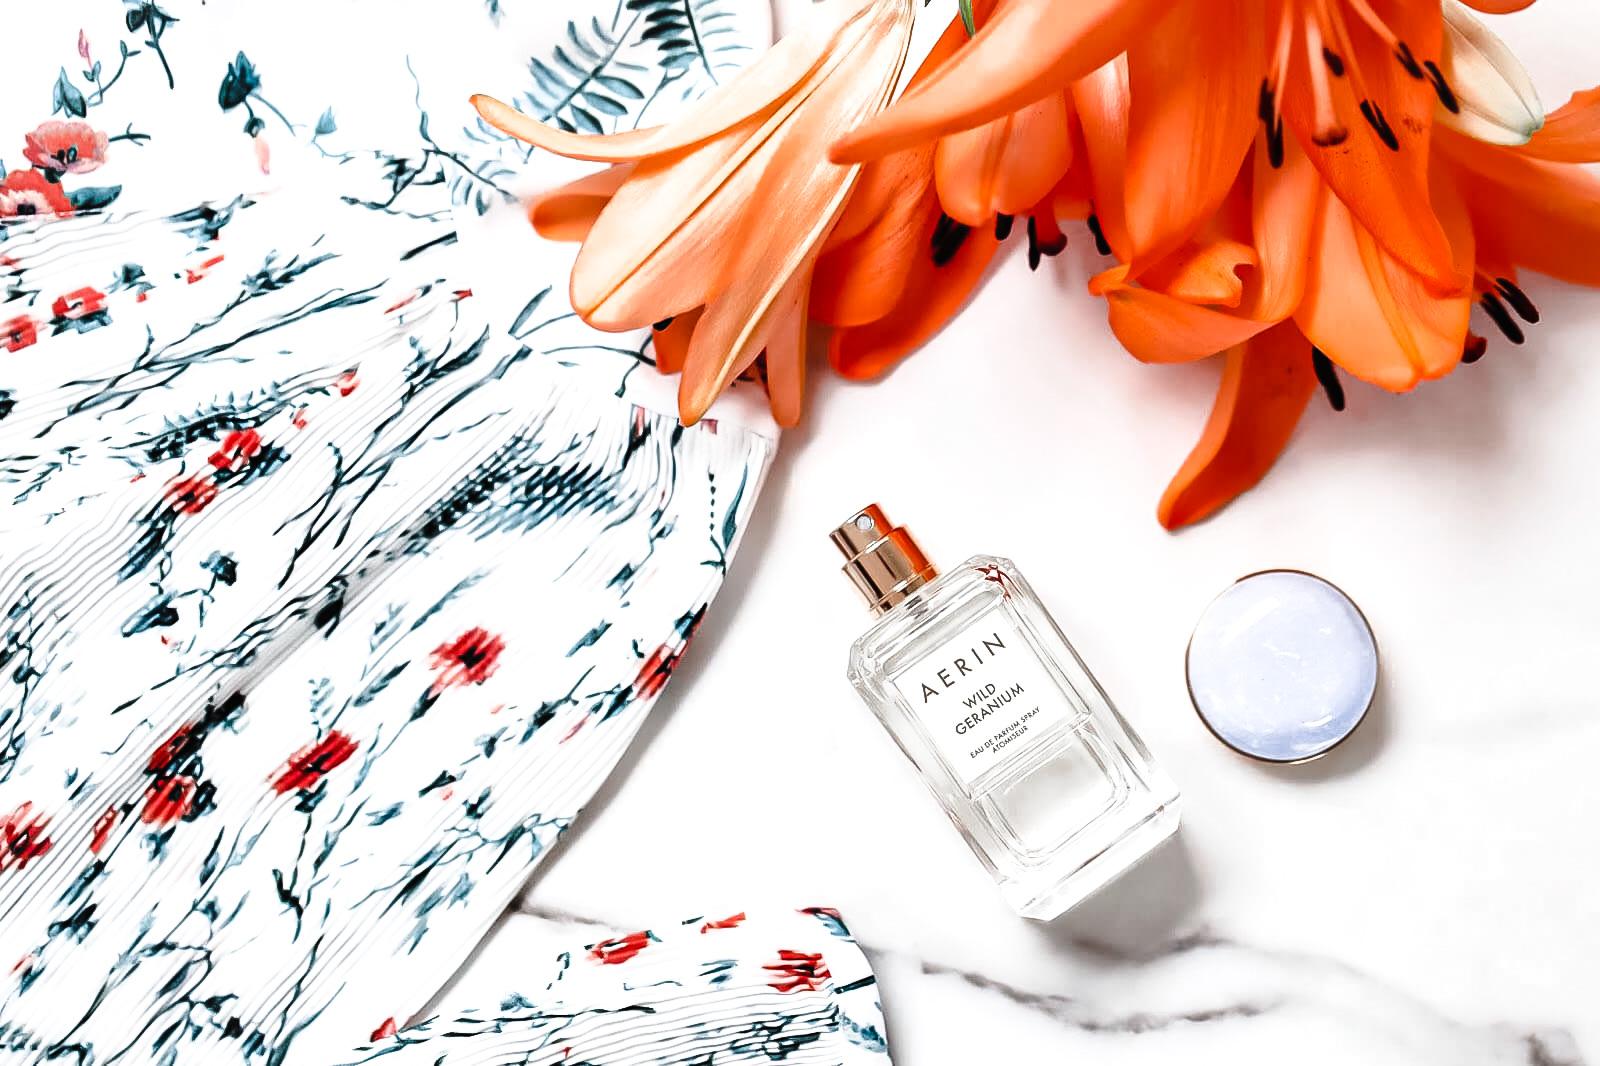 Aerin Wild Geranium parfum